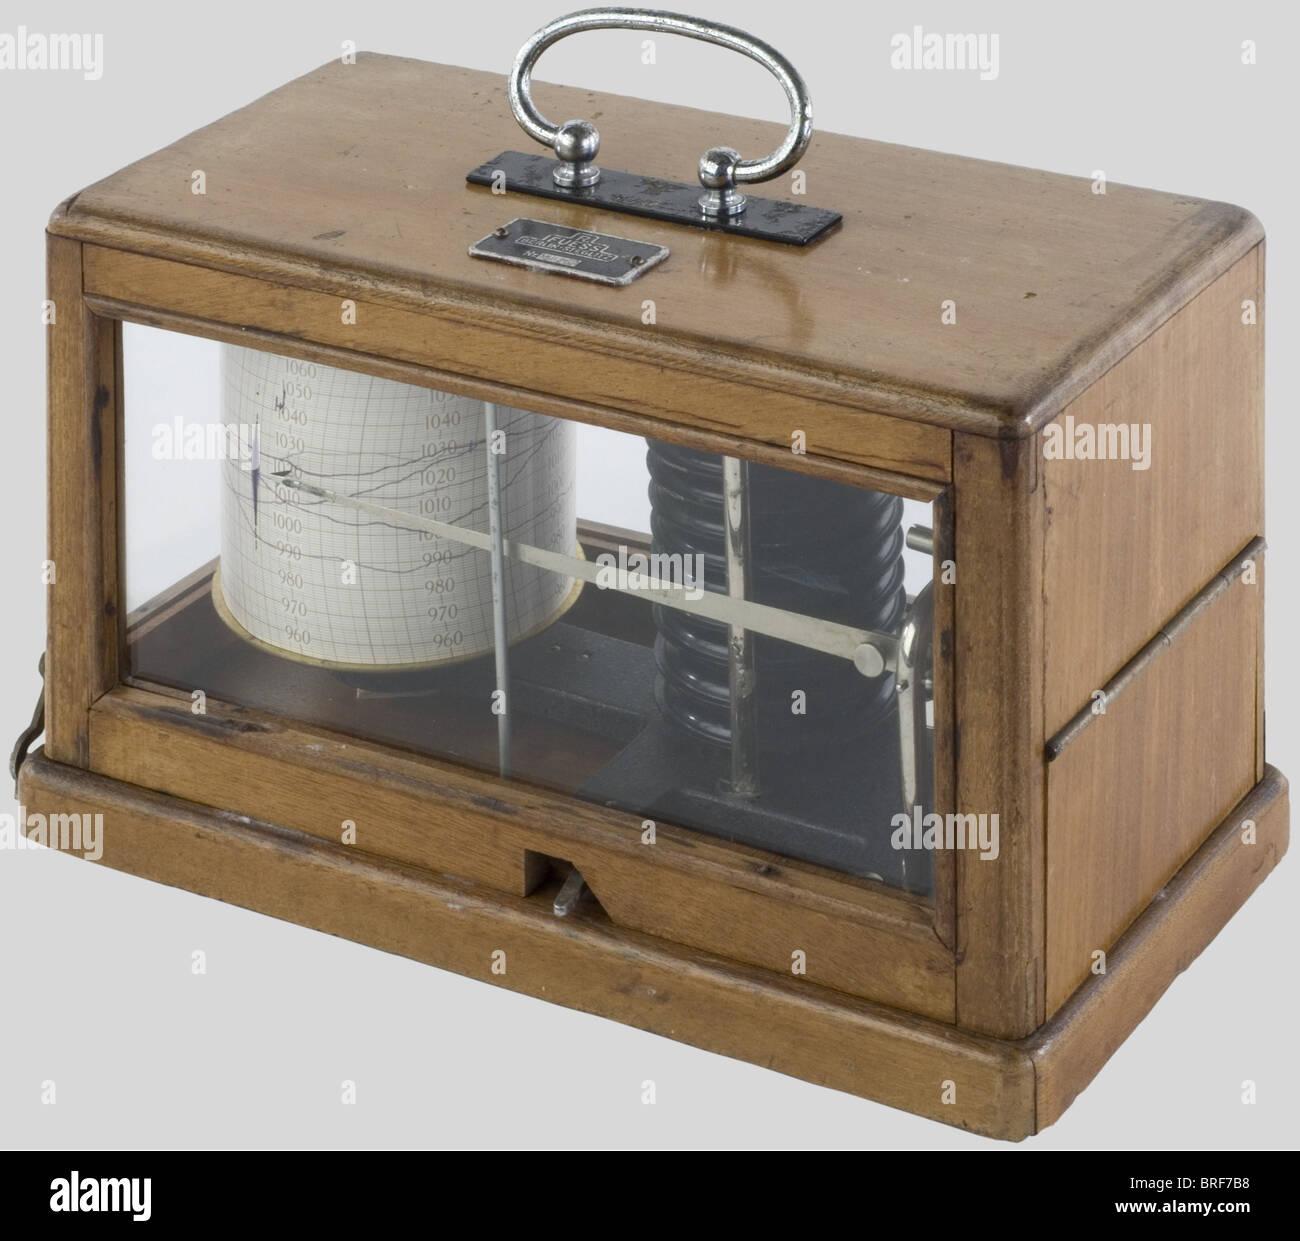 Kriegsmarine, Baromètre de la Kriegsmarine, sous vitre dans sa boîte en bois clair. Instrument de mesure - Stock Image